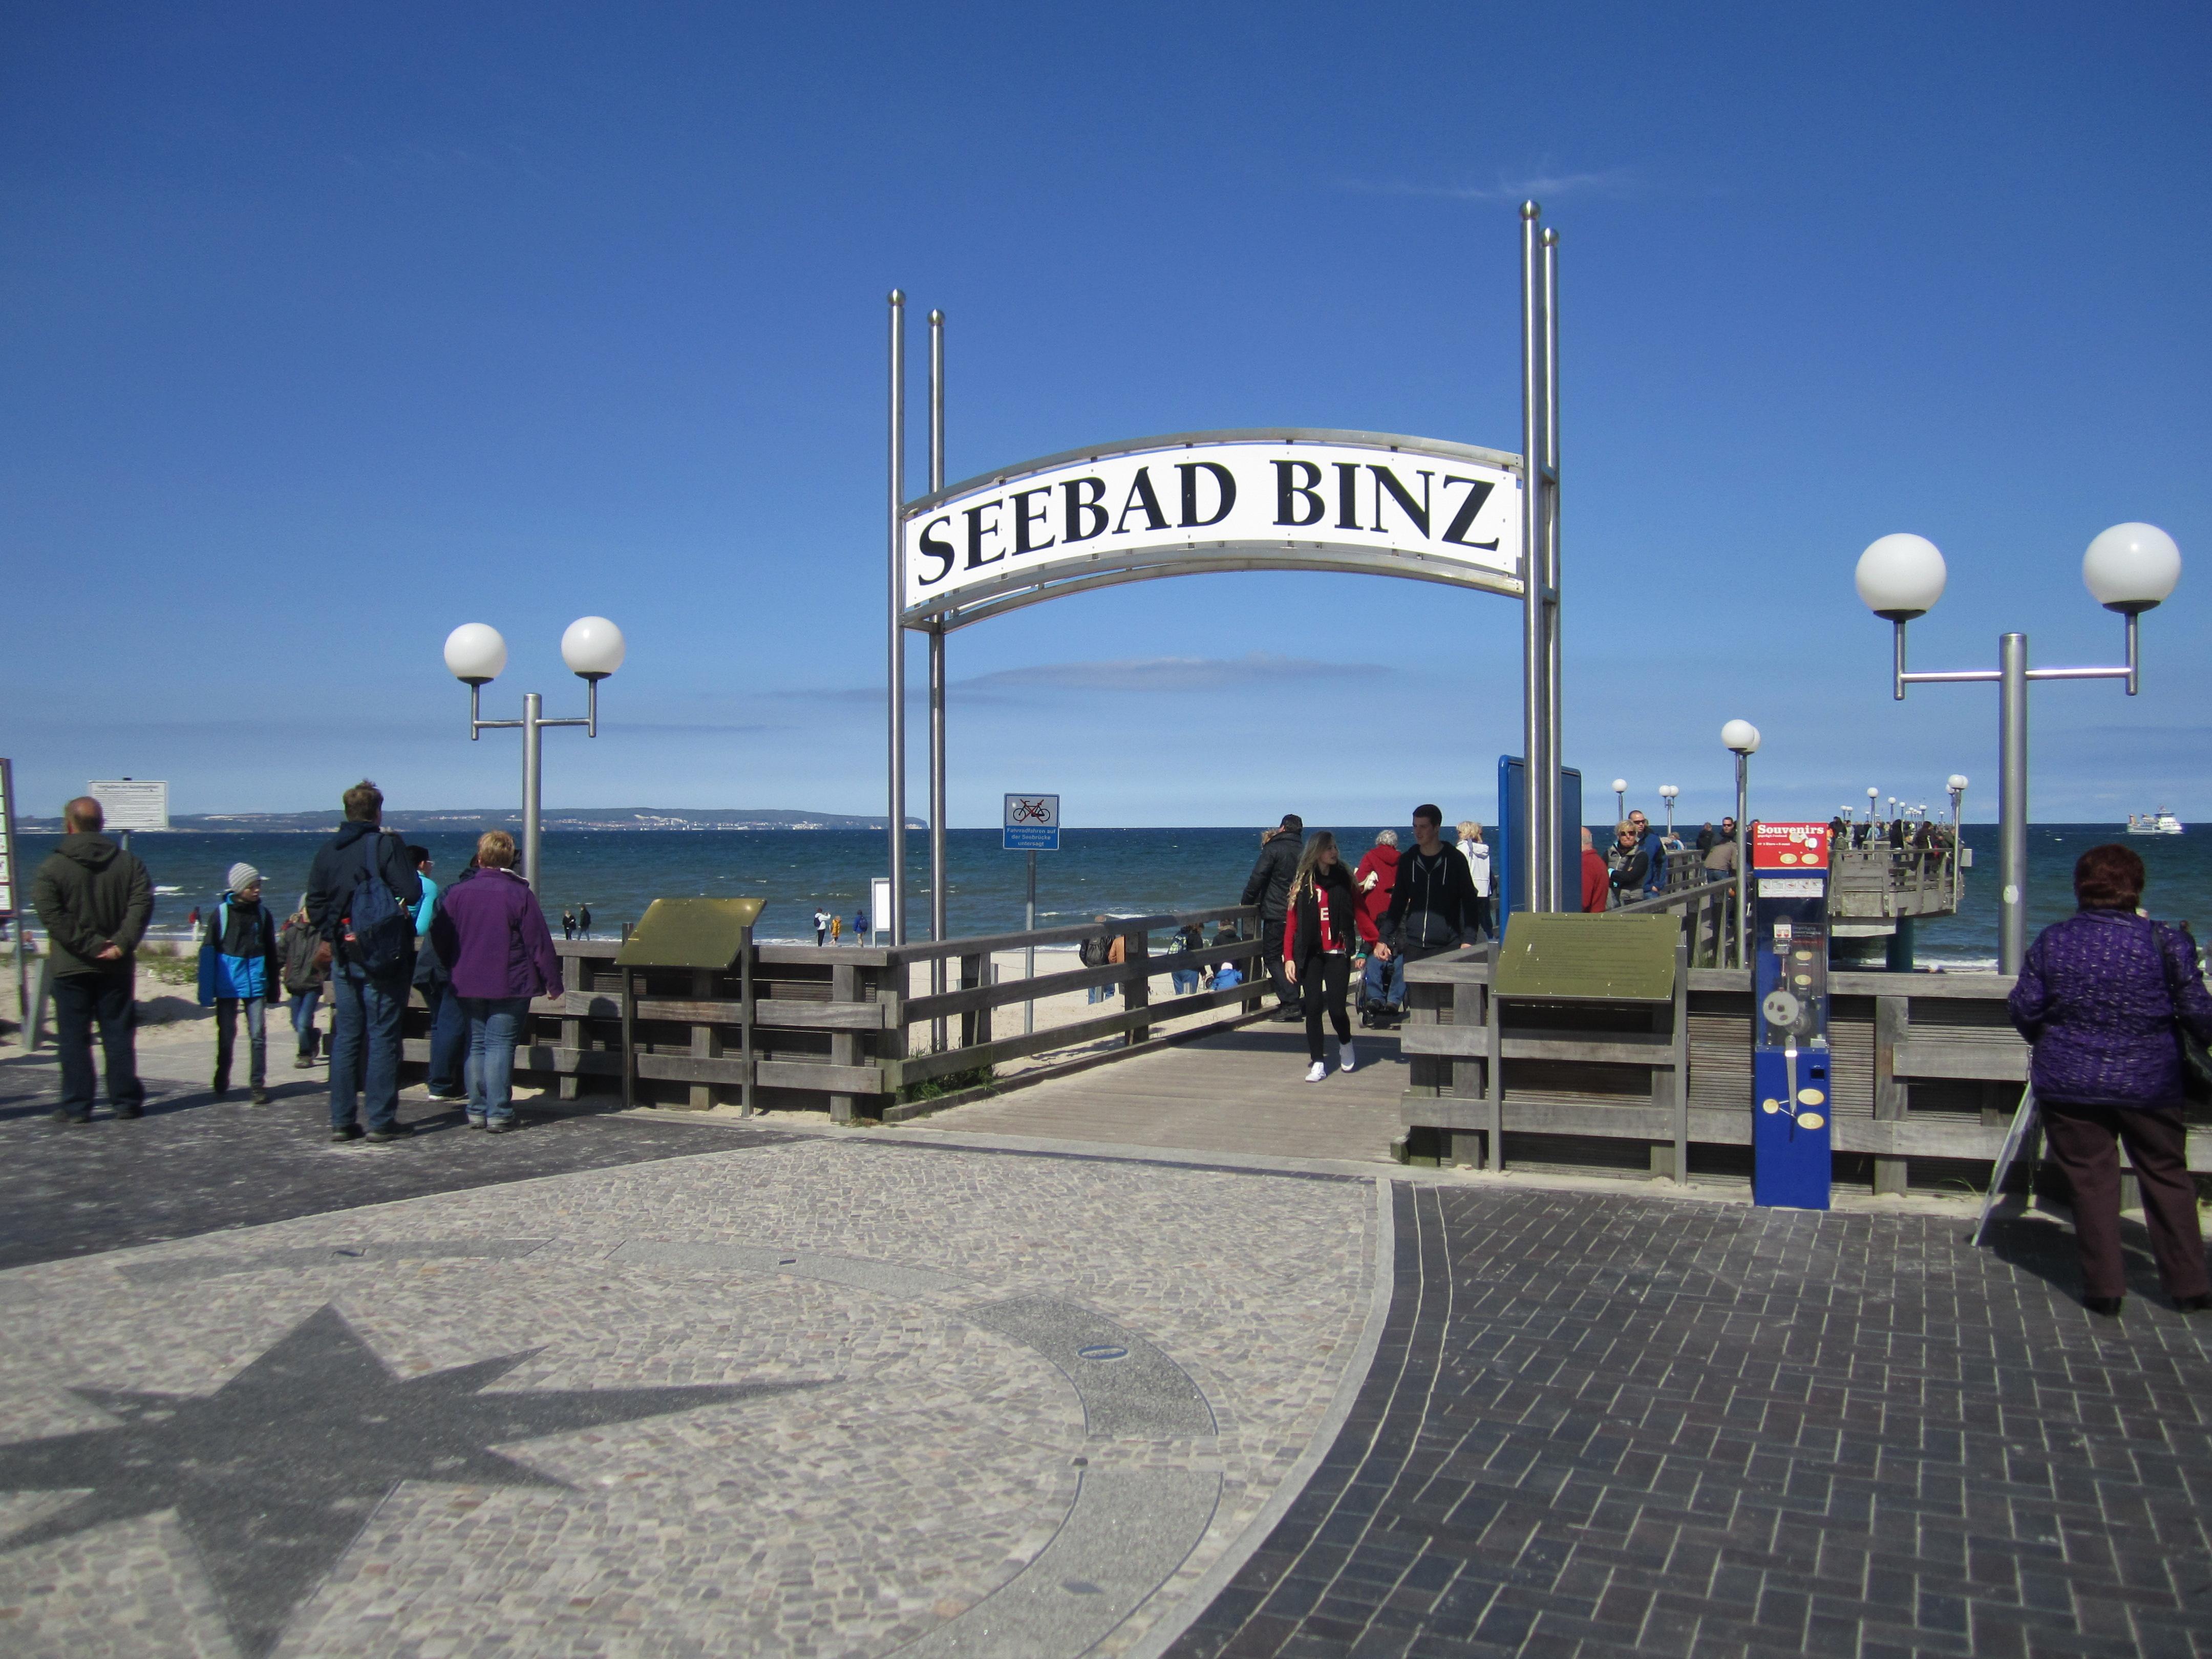 Ostsee Seebad Binz